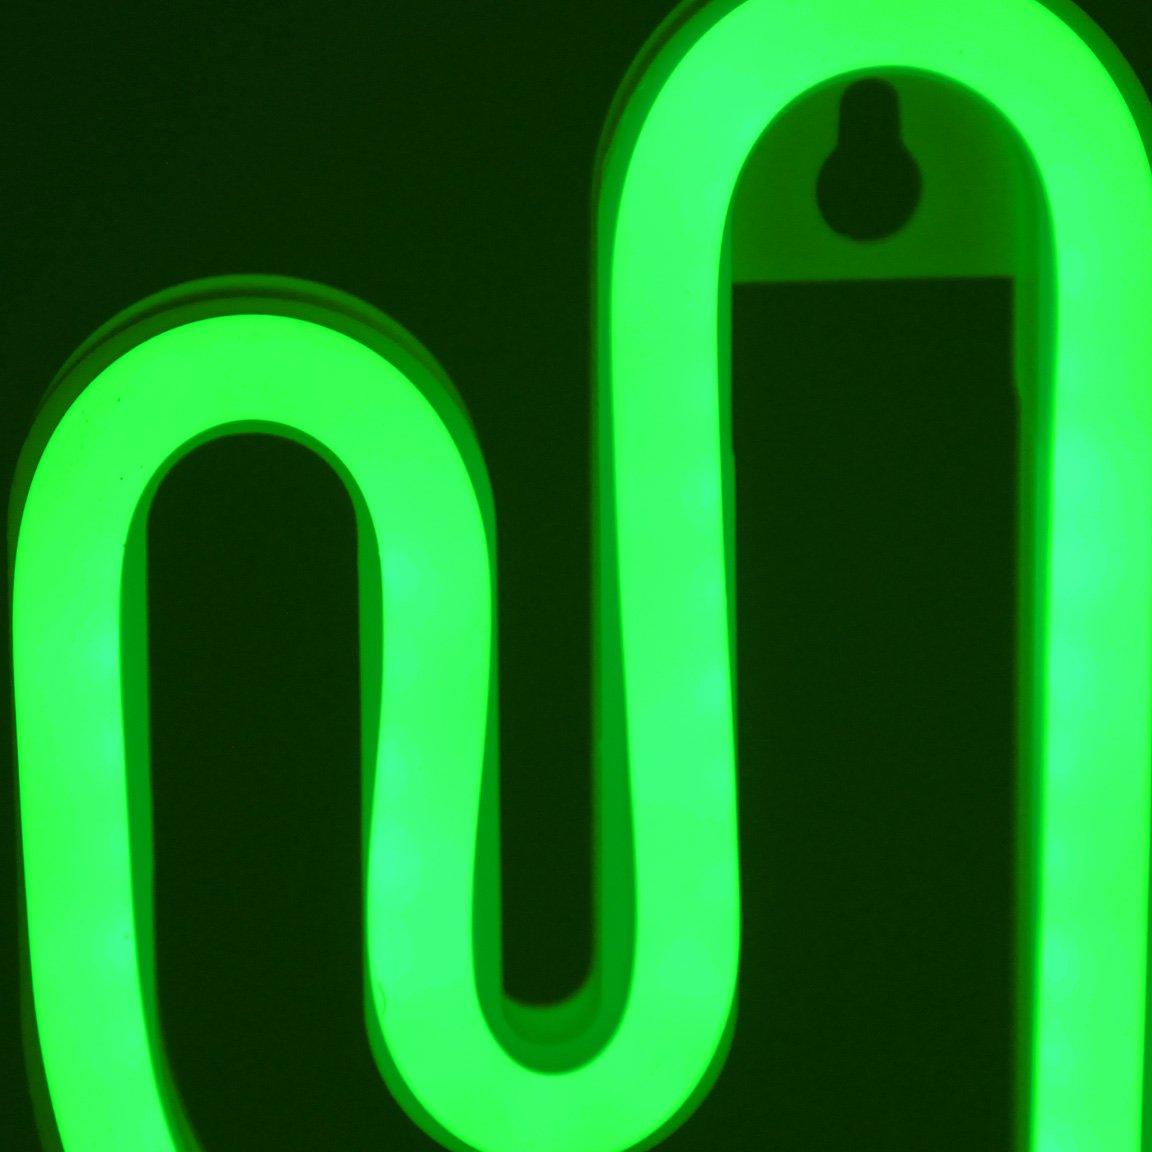 Bada Bing LED Neonlicht Flamingo Stimmungslicht Leuchtreklame Neonr/öhren Optik Tischlampe Tischdeko Trend 72